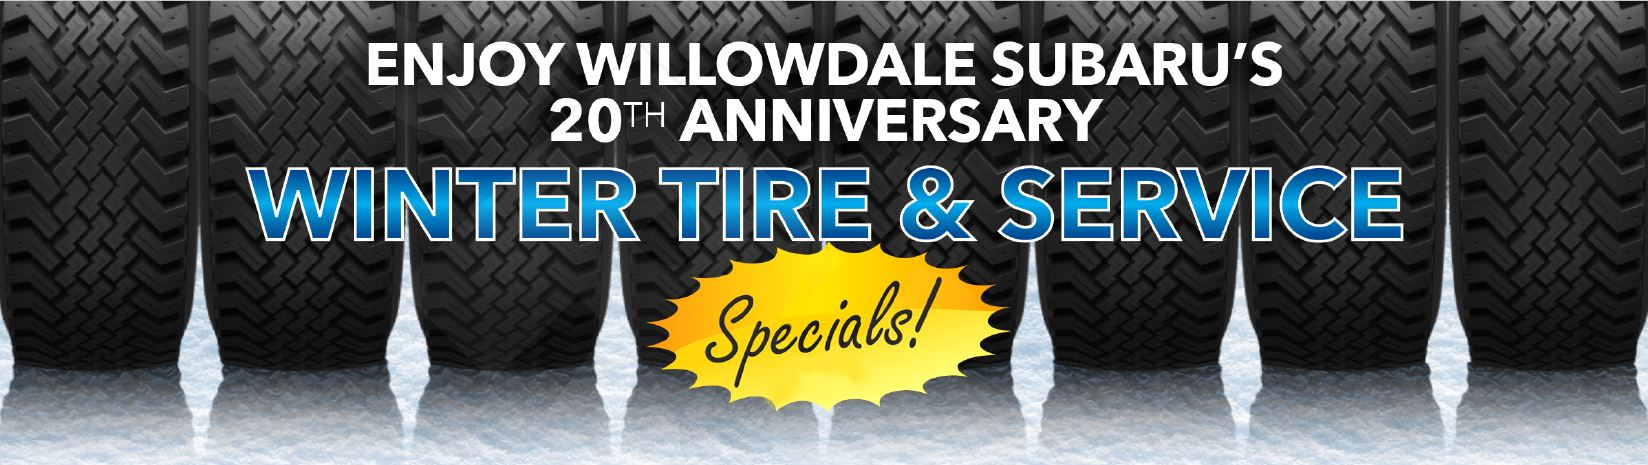 Winter Tire & Service